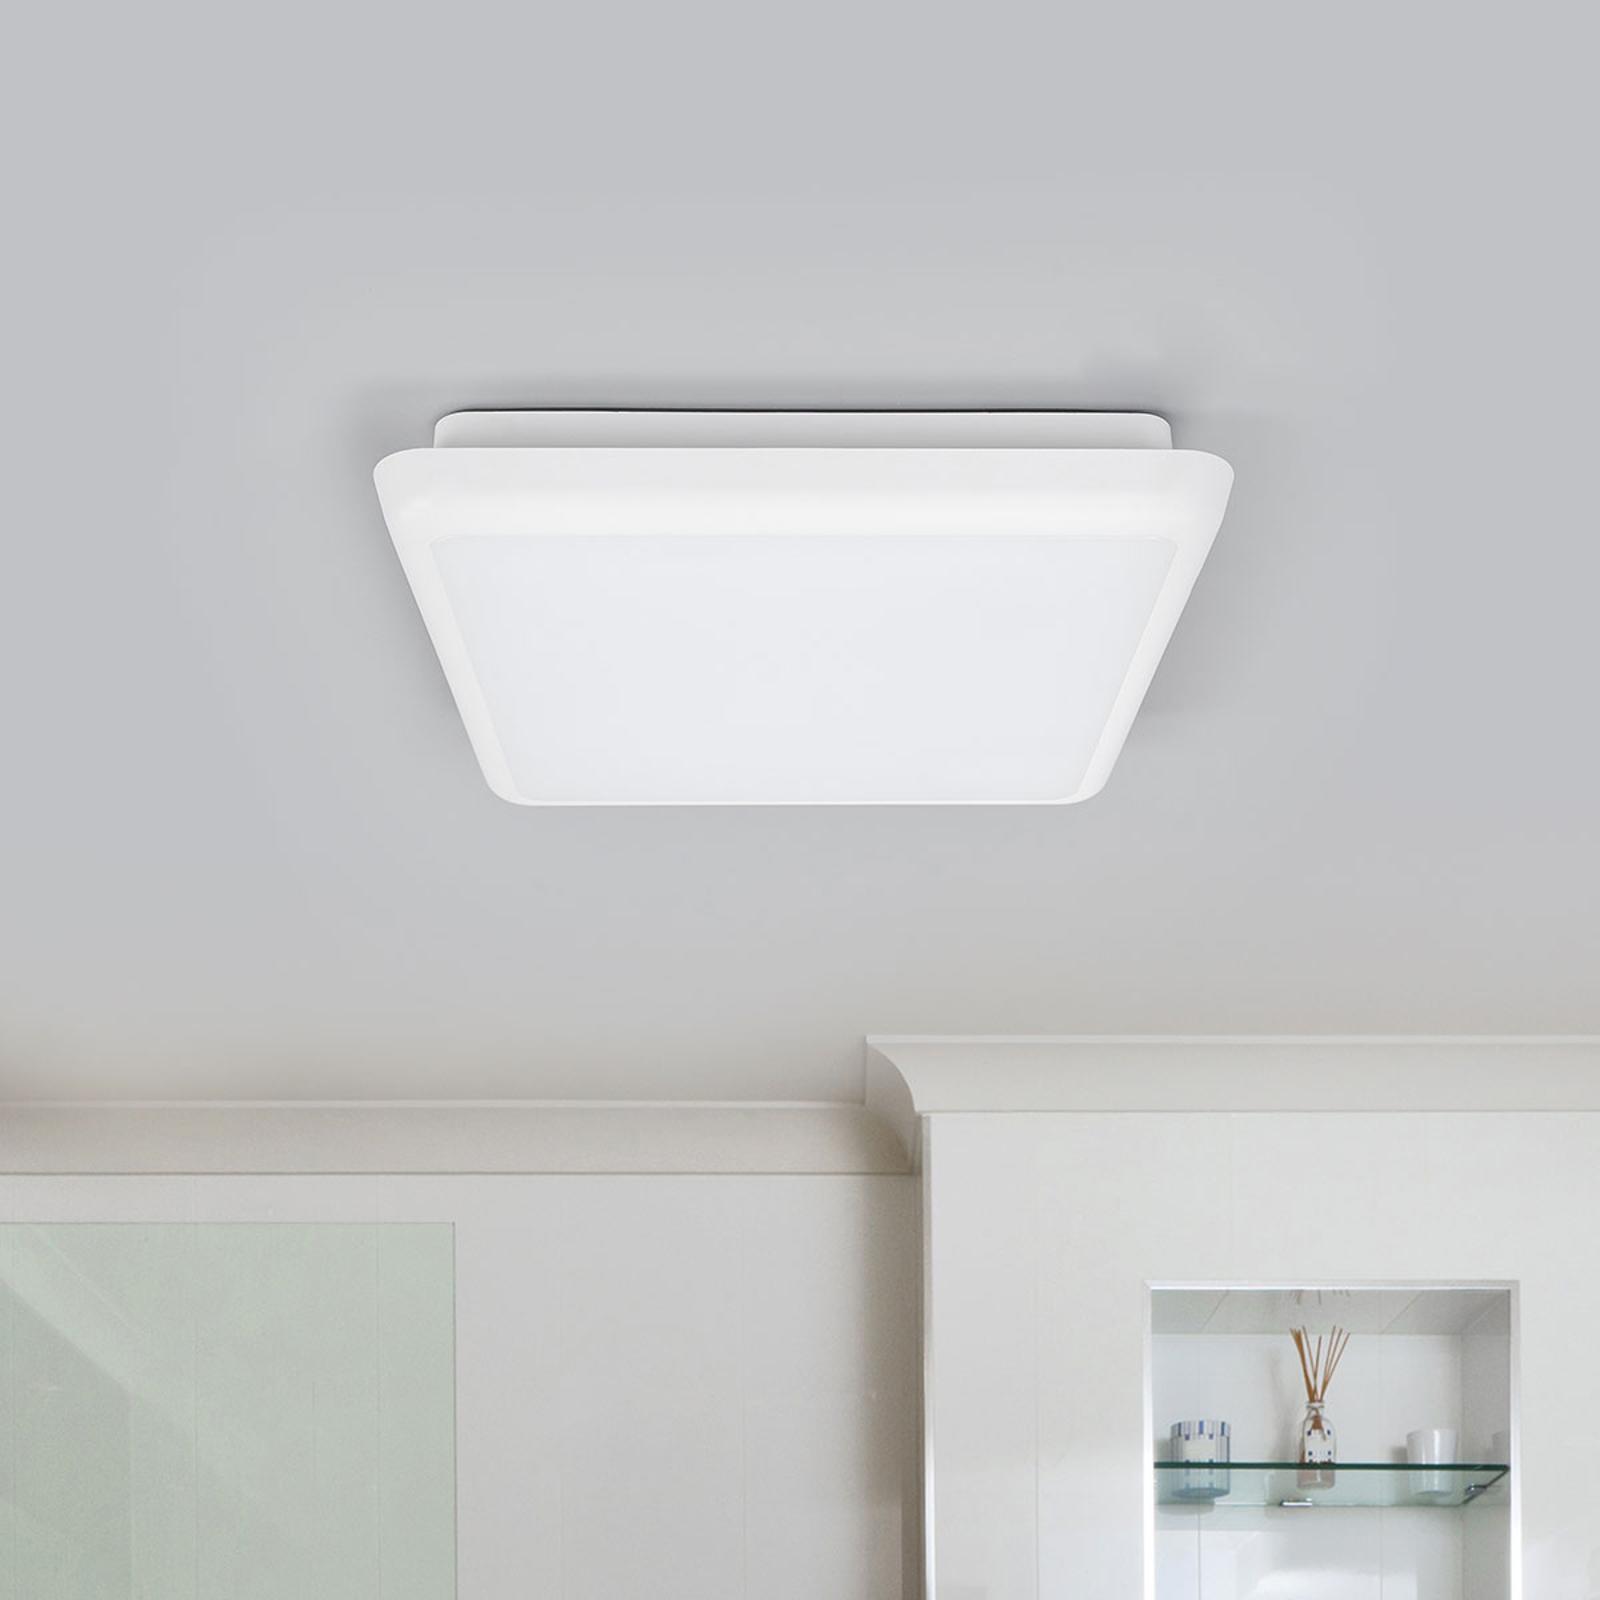 Augustin plafoniera LED quadrata 25 cm